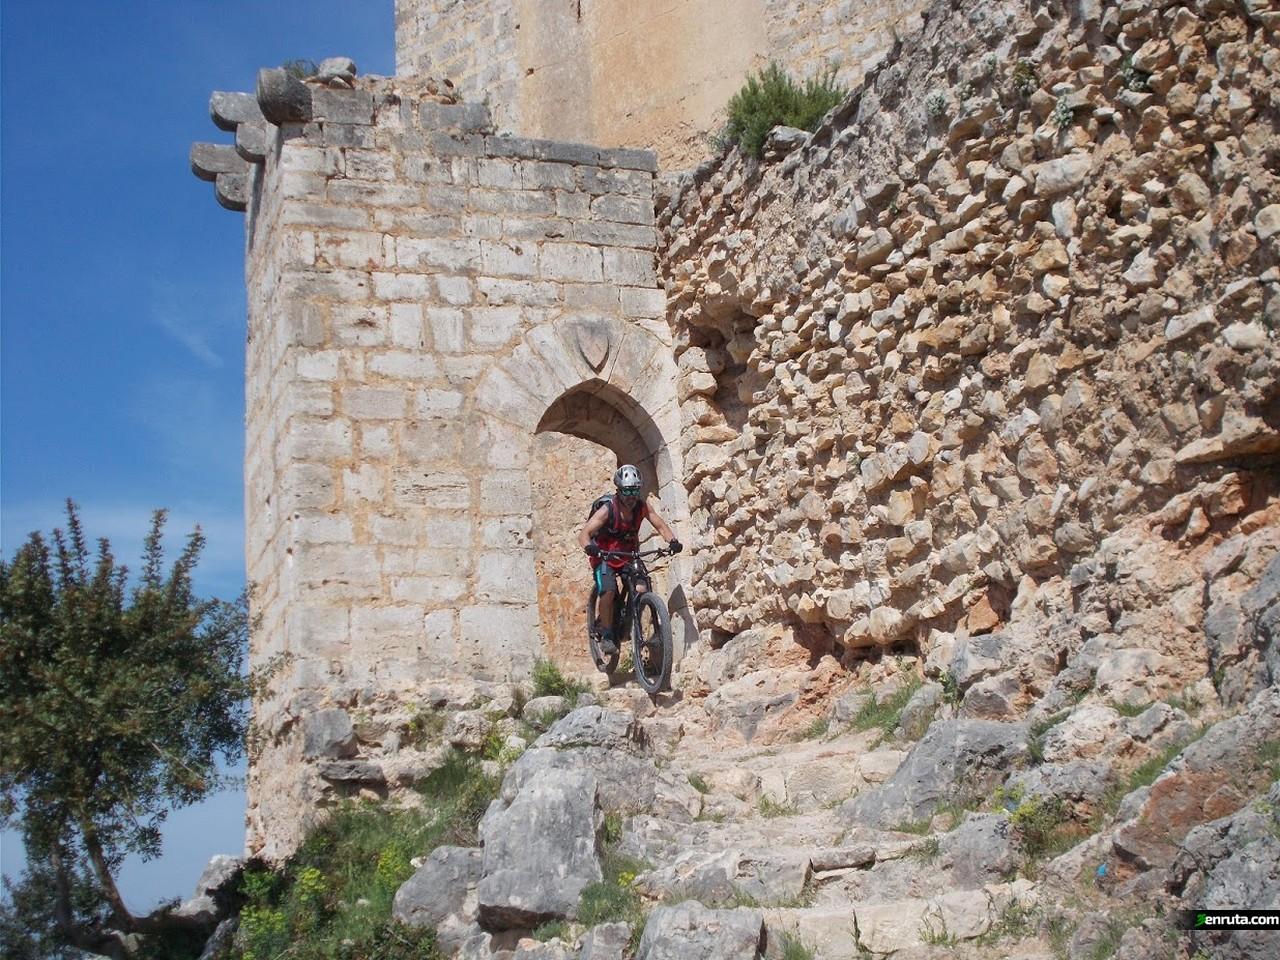 Comenzamos a bajar desde el Castillo de Chirel